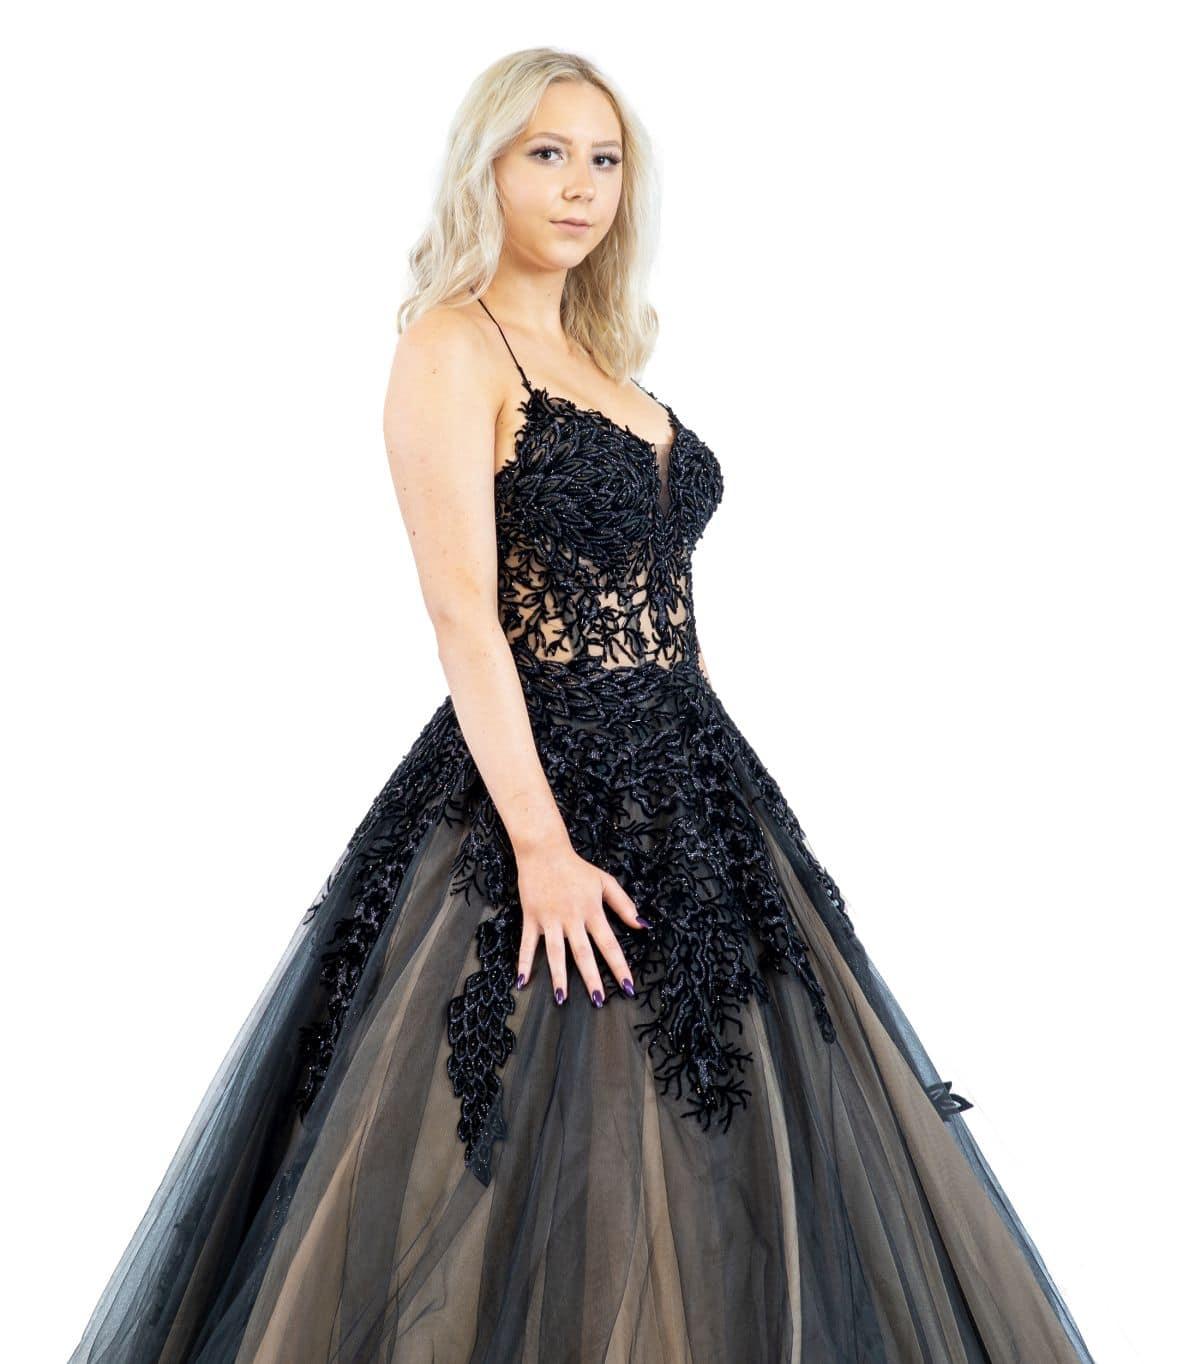 Julia schwarzes Brautkleid detailansicht